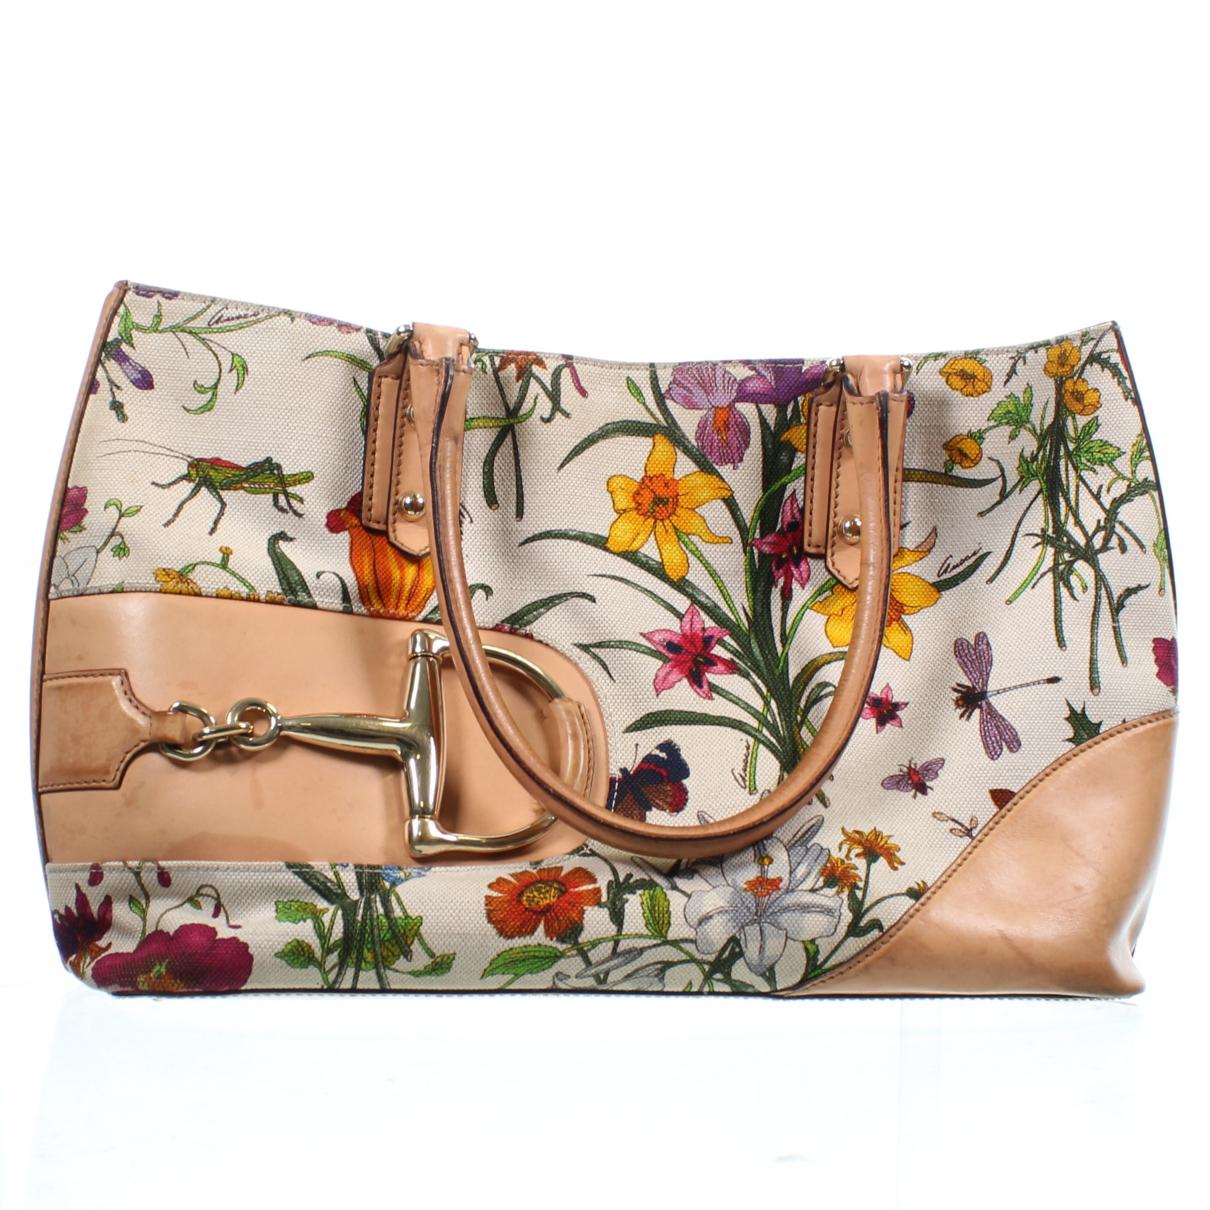 Gucci - Sac a main   pour femme en cuir - multicolore